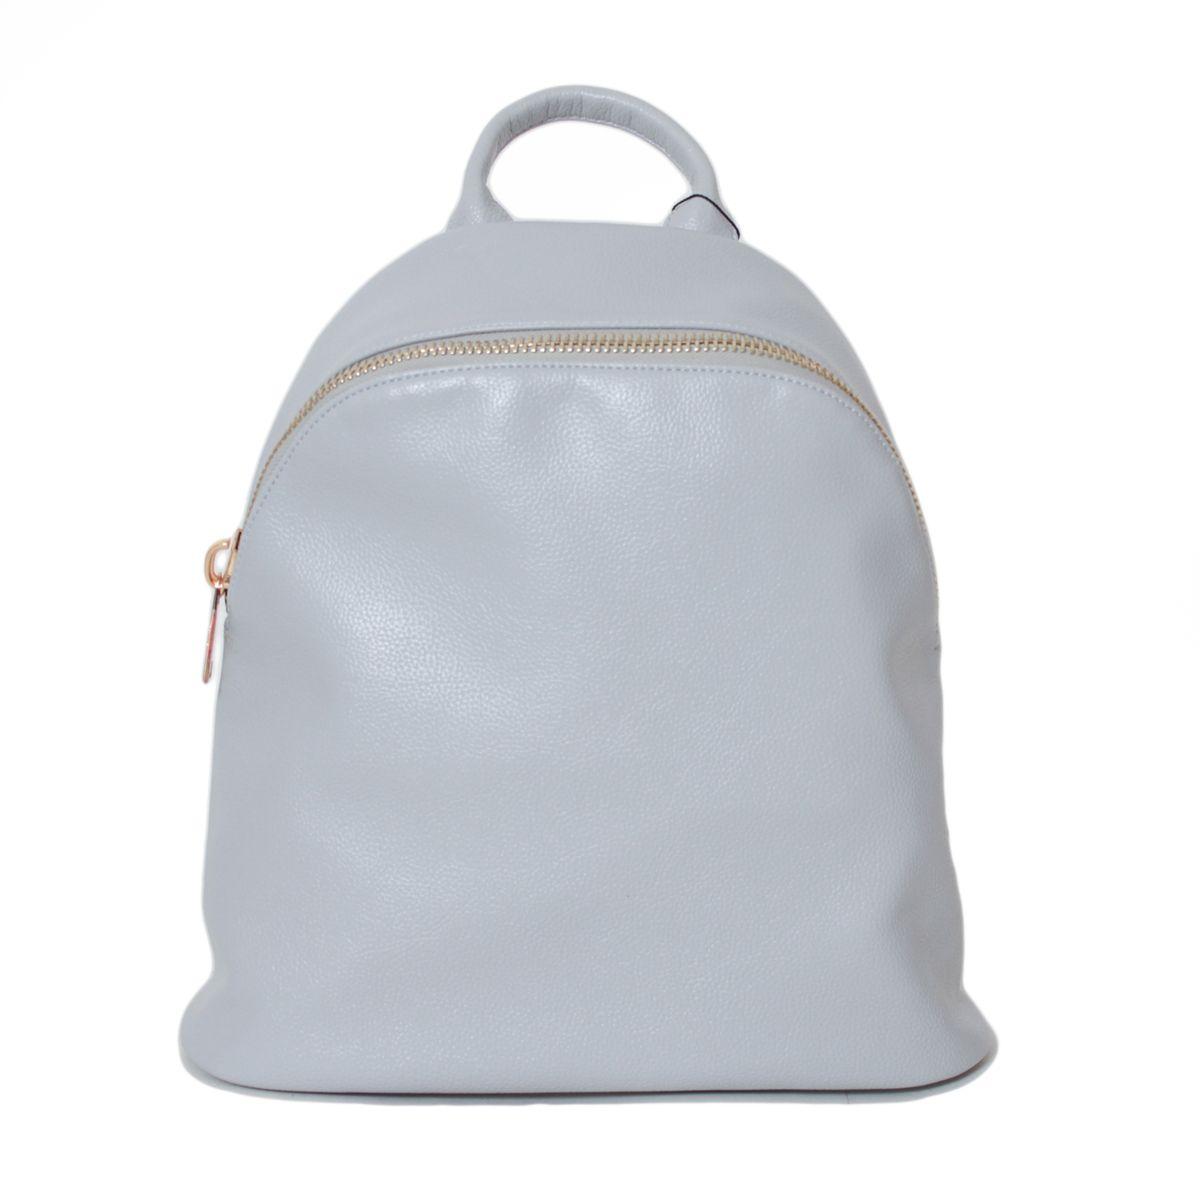 Рюкзак женский Flioraj, цвет: серый. 2137-1S76245Закрывается на молнию. Внутри одно отделение, один карман на молнии, два открытых кармана. Снаружи один карман на молнии. Высота ручки - 8 см.